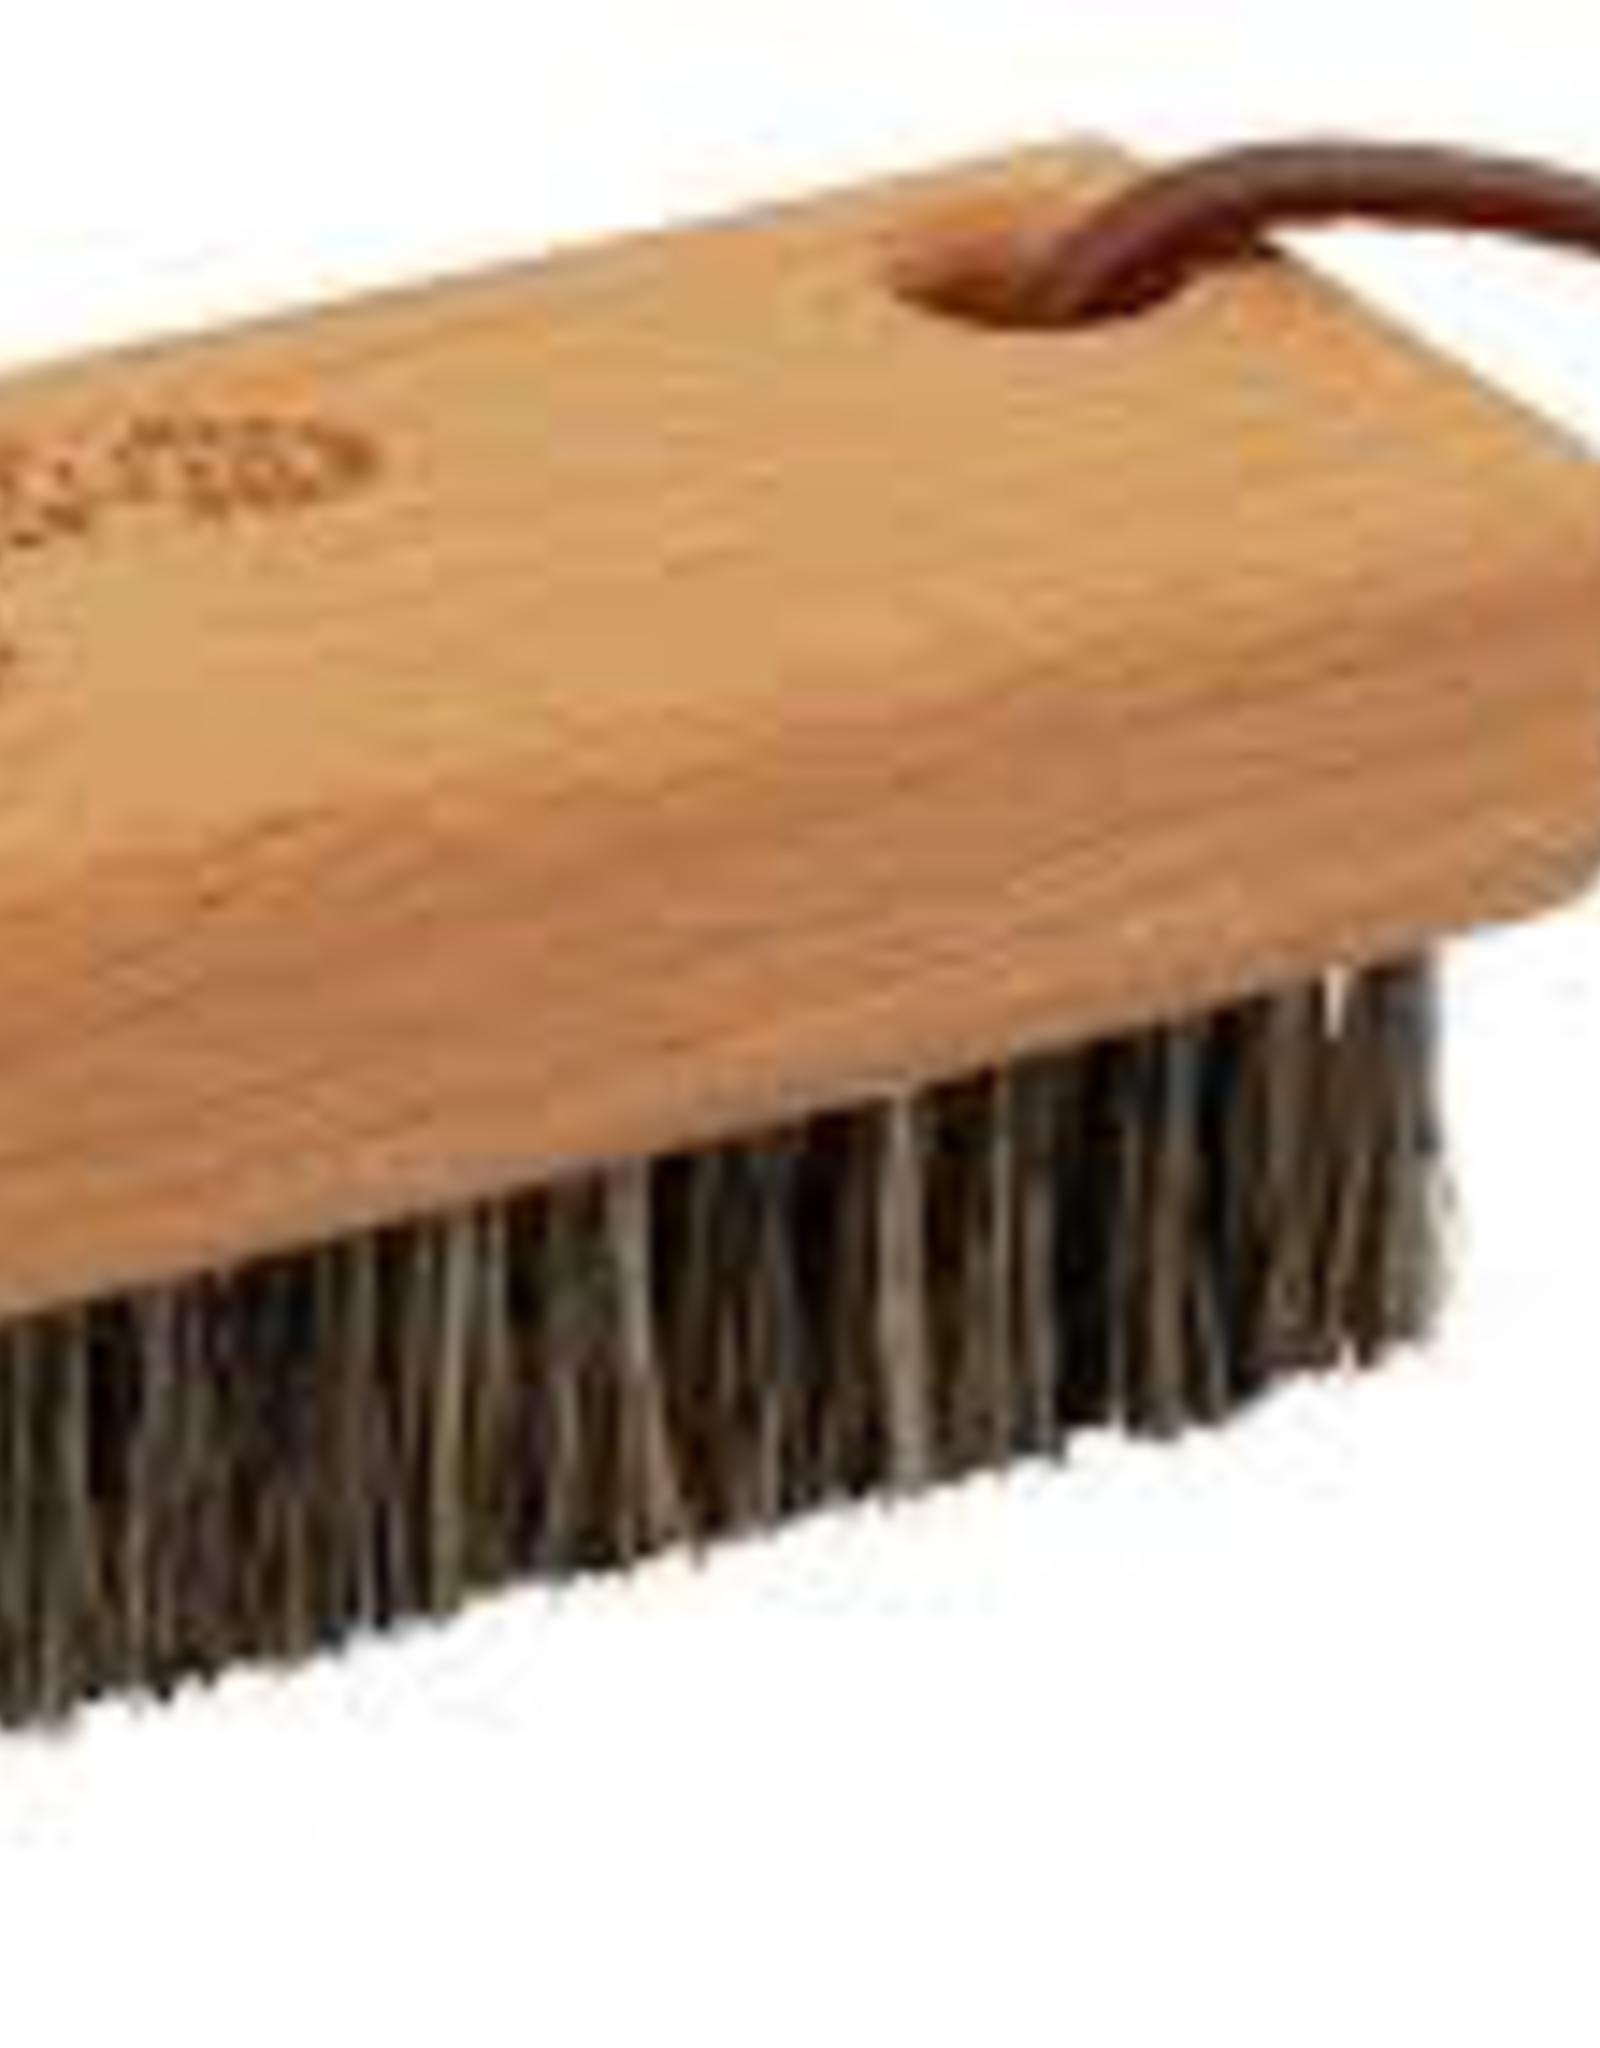 Redecker Redecker Hiking Shoe Brush